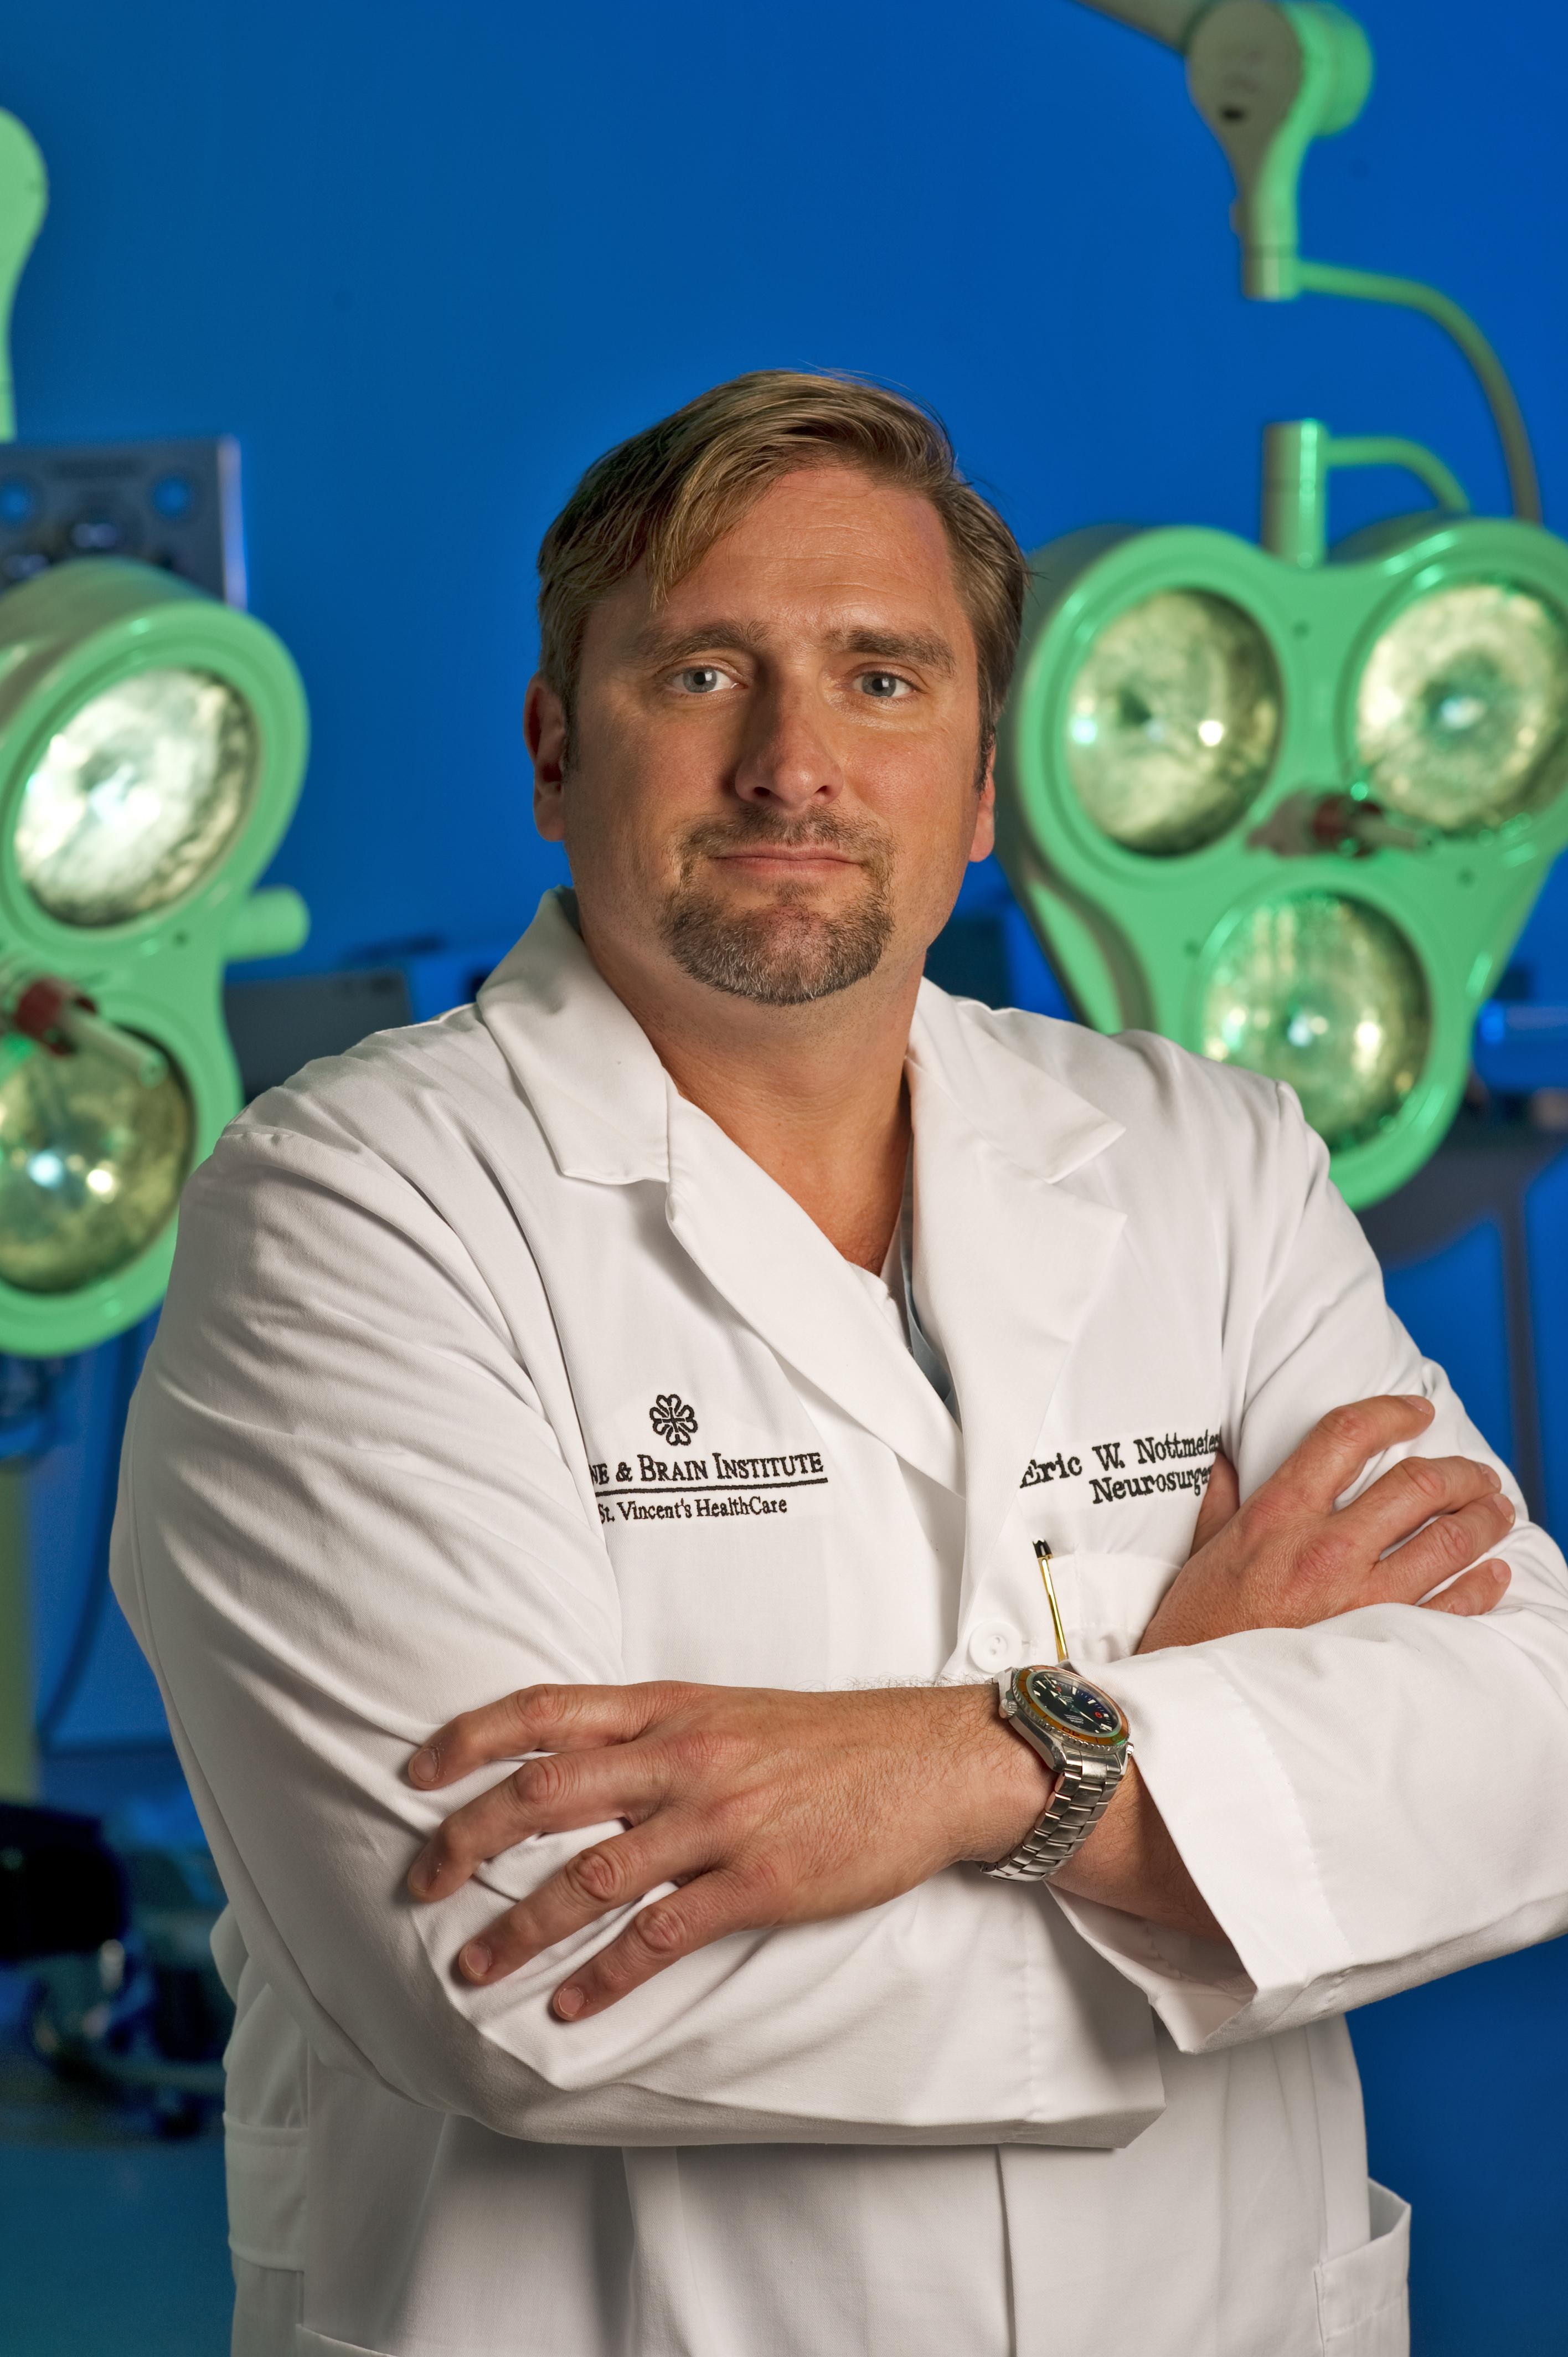 Eric Nottmeier, MD